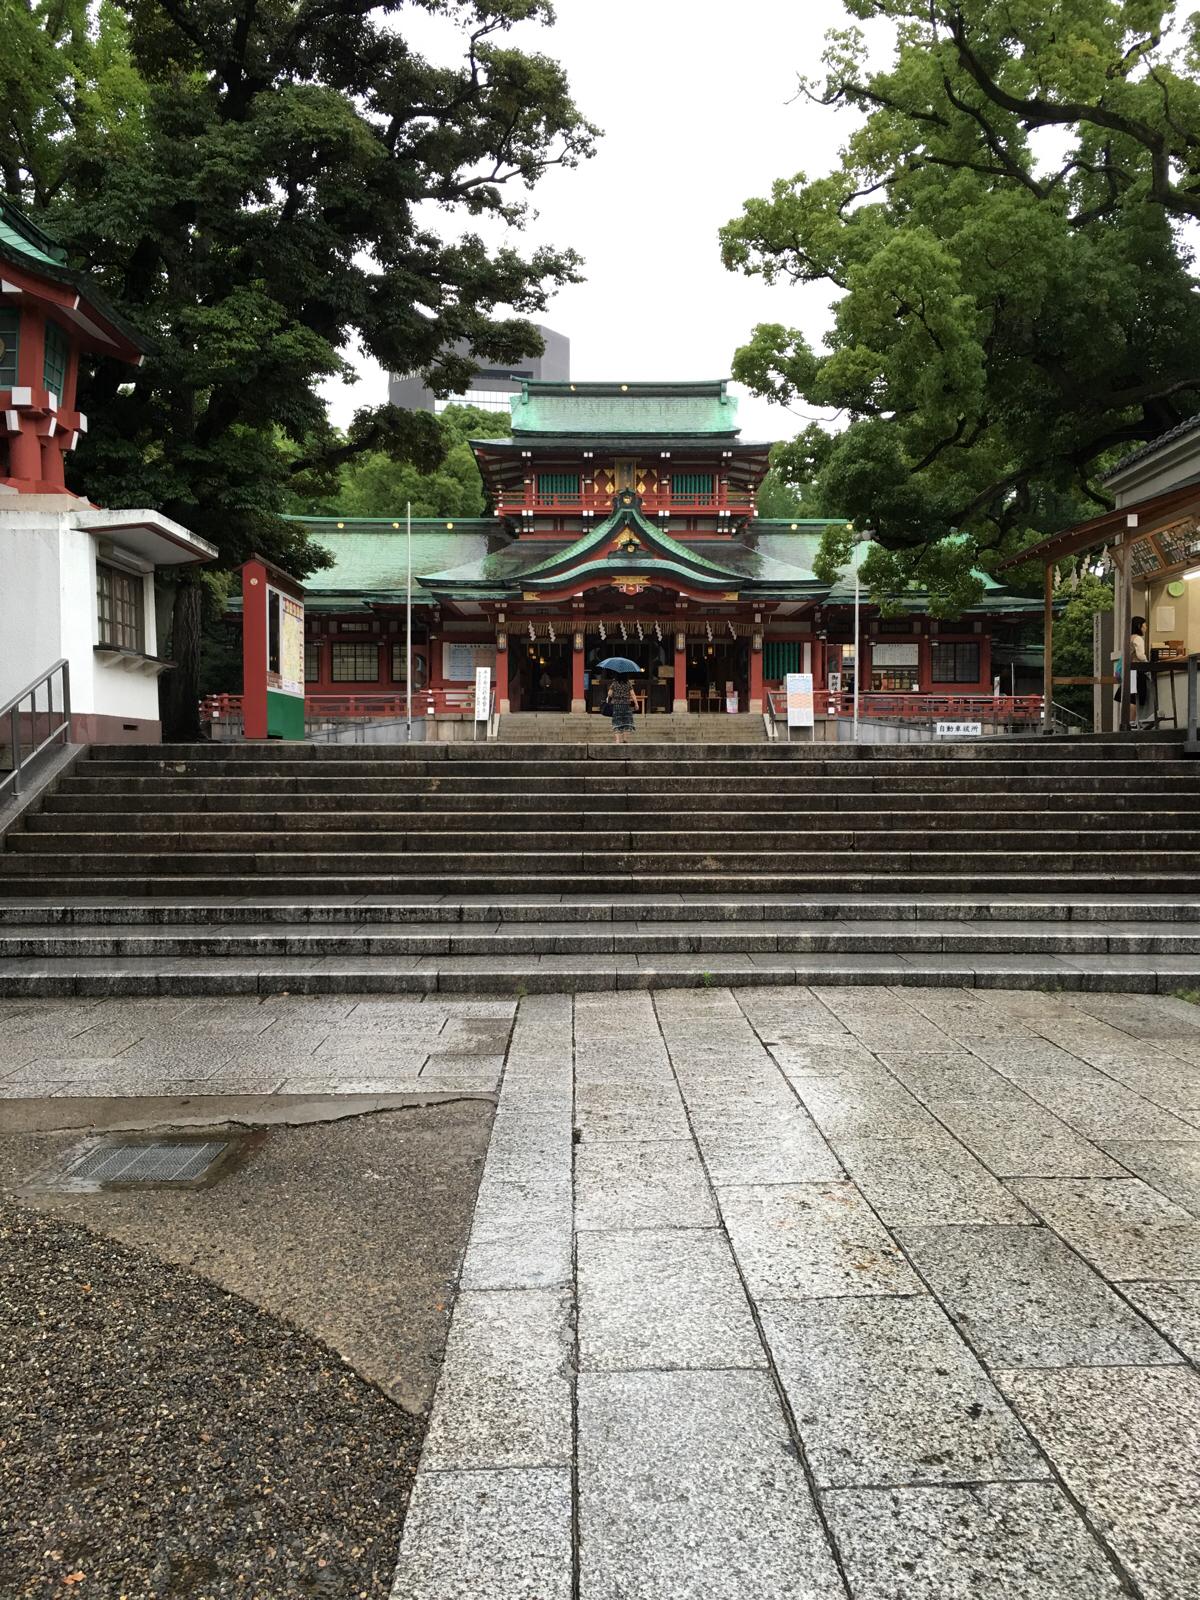 富岡八幡宮〜深川不動尊〜運河沿いの朝の散歩がとても気持ちが良かった